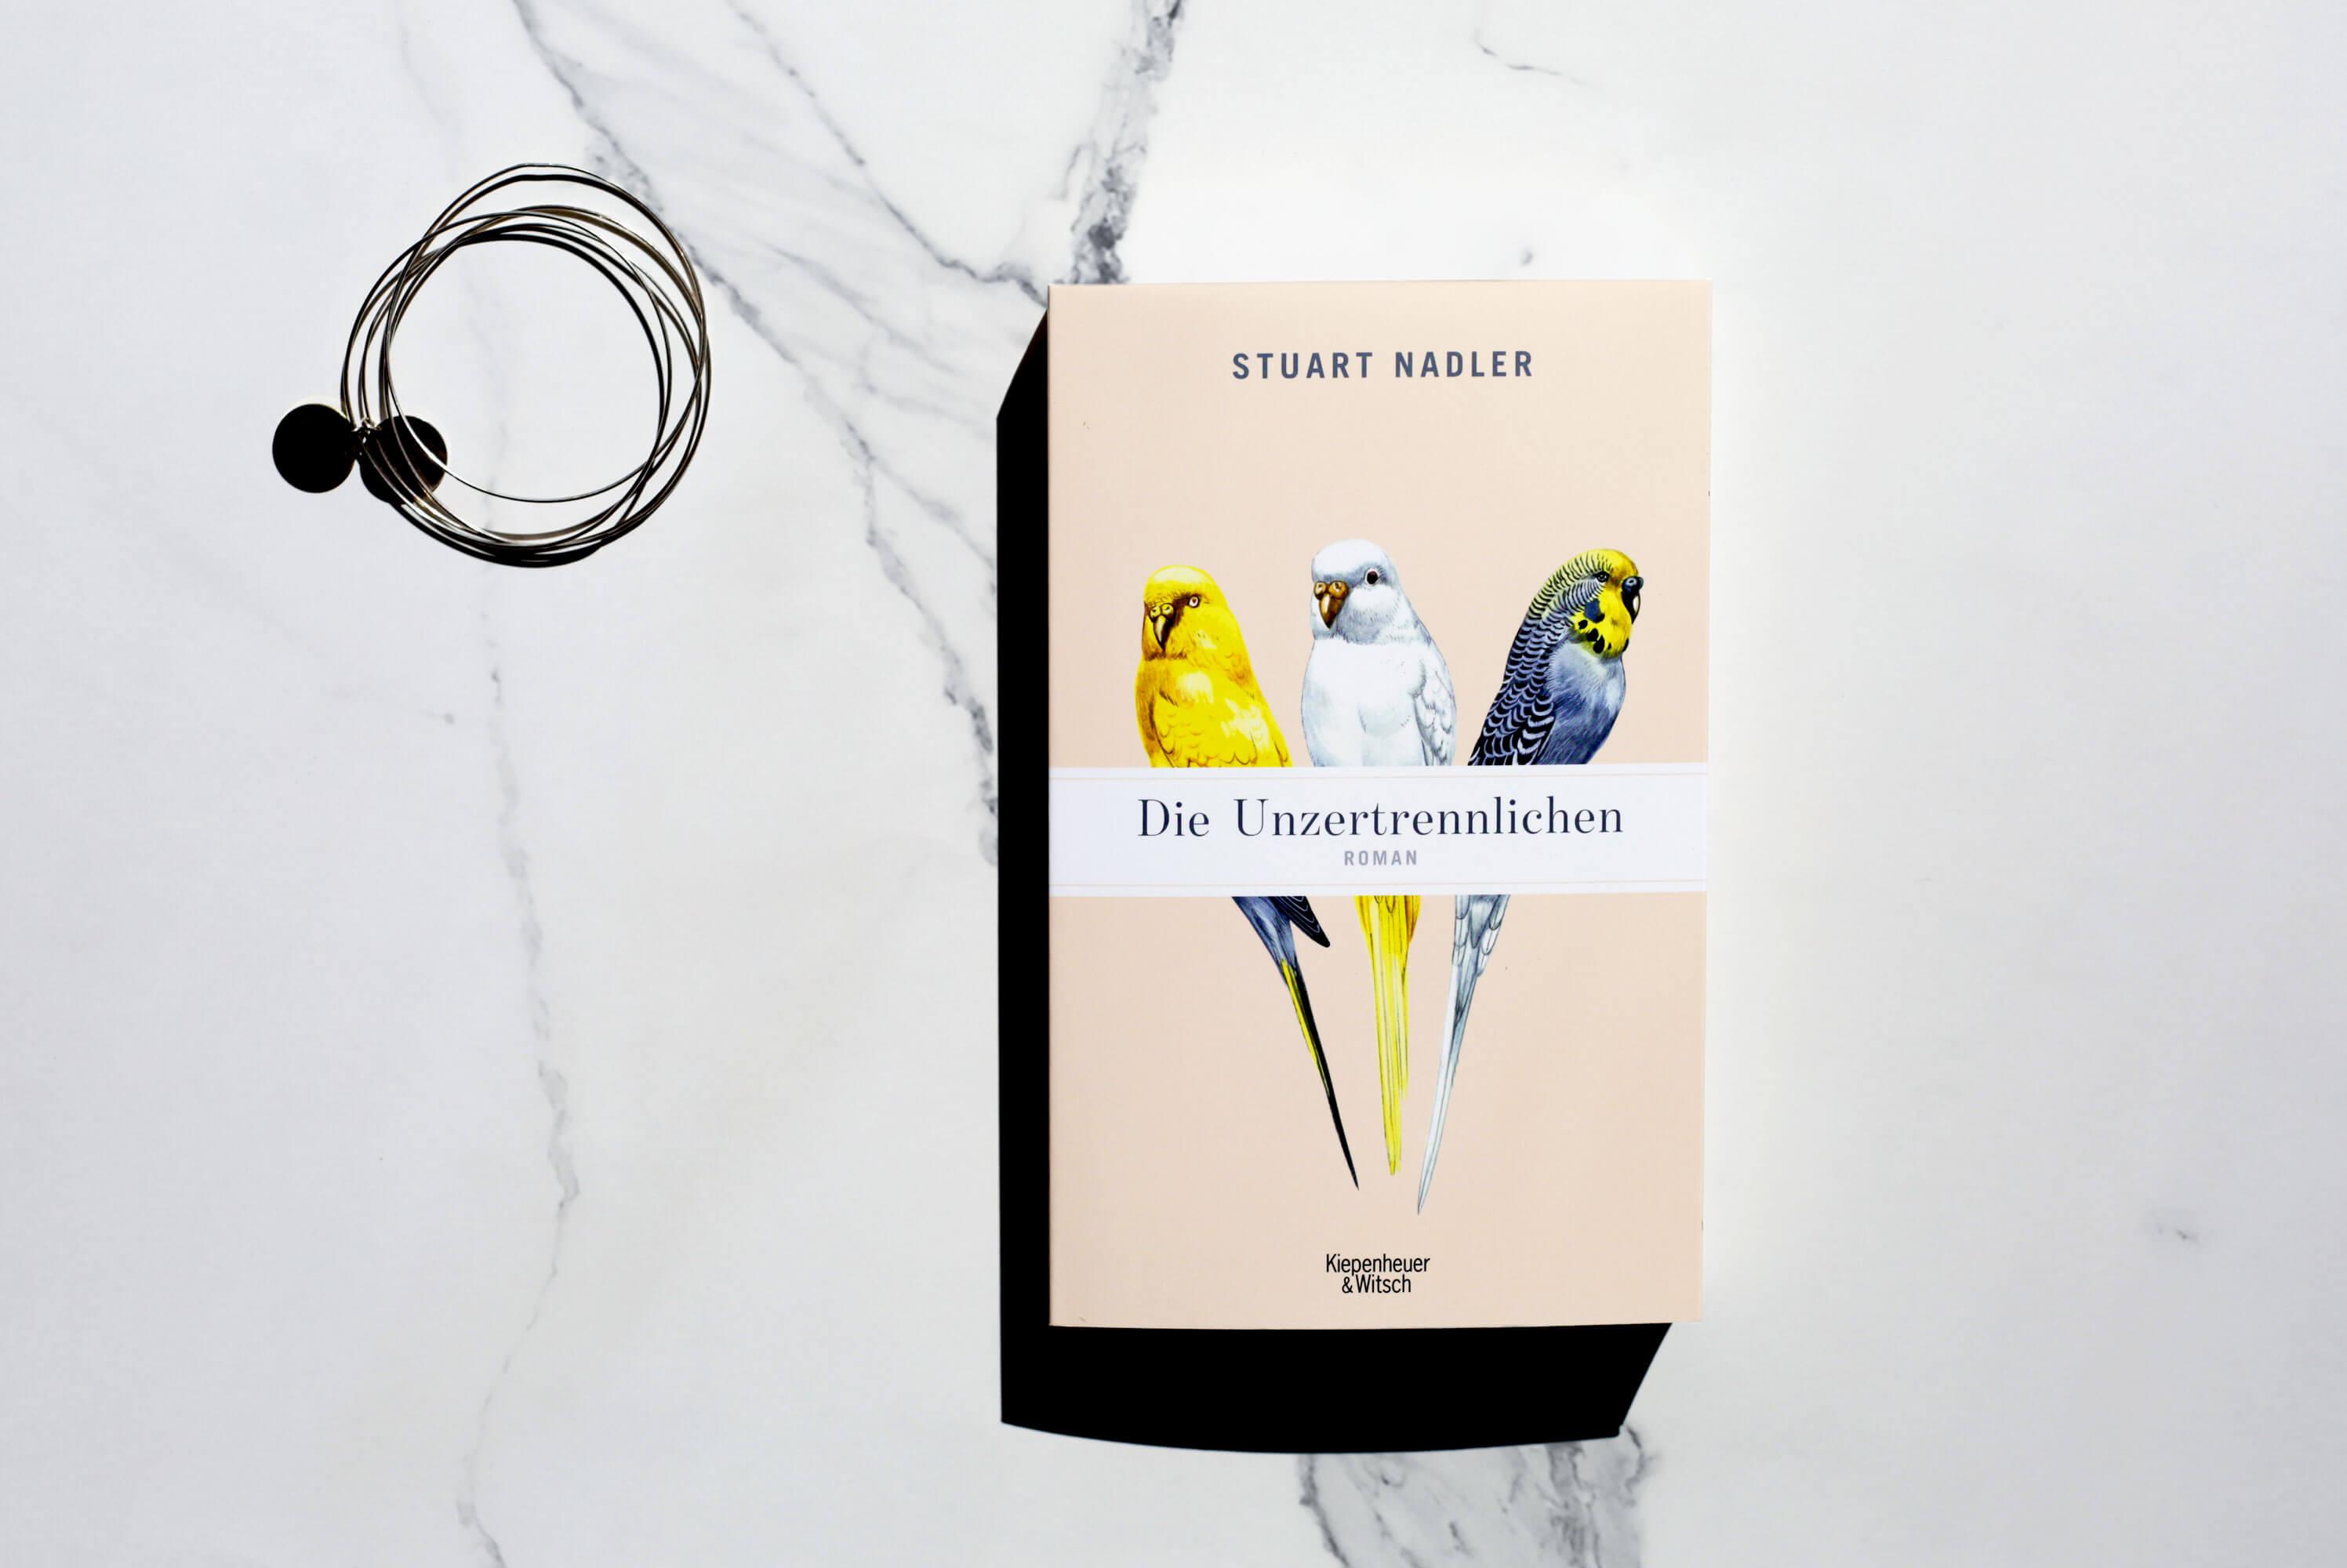 stuart-nadler-die-unzertrennlichen-schonhalbelf-buchblog-rezension-kritik-empfehlung-neuerscheinung-kritik-tipp.jpg